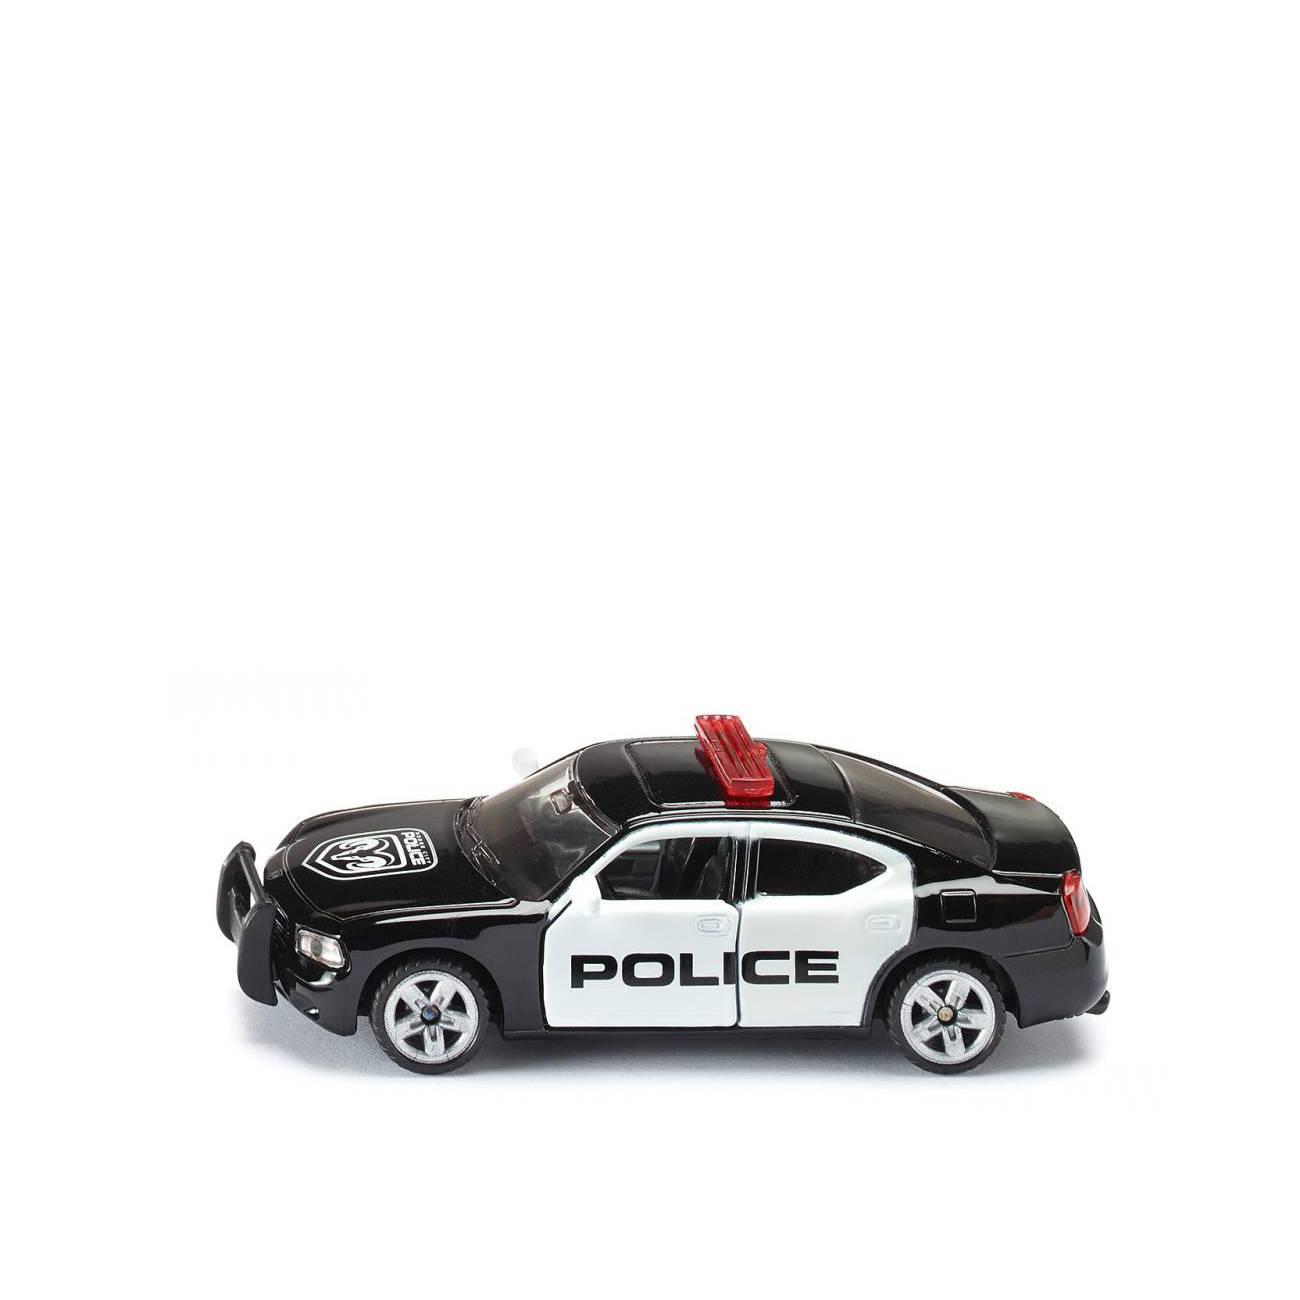 US PATROL CAR